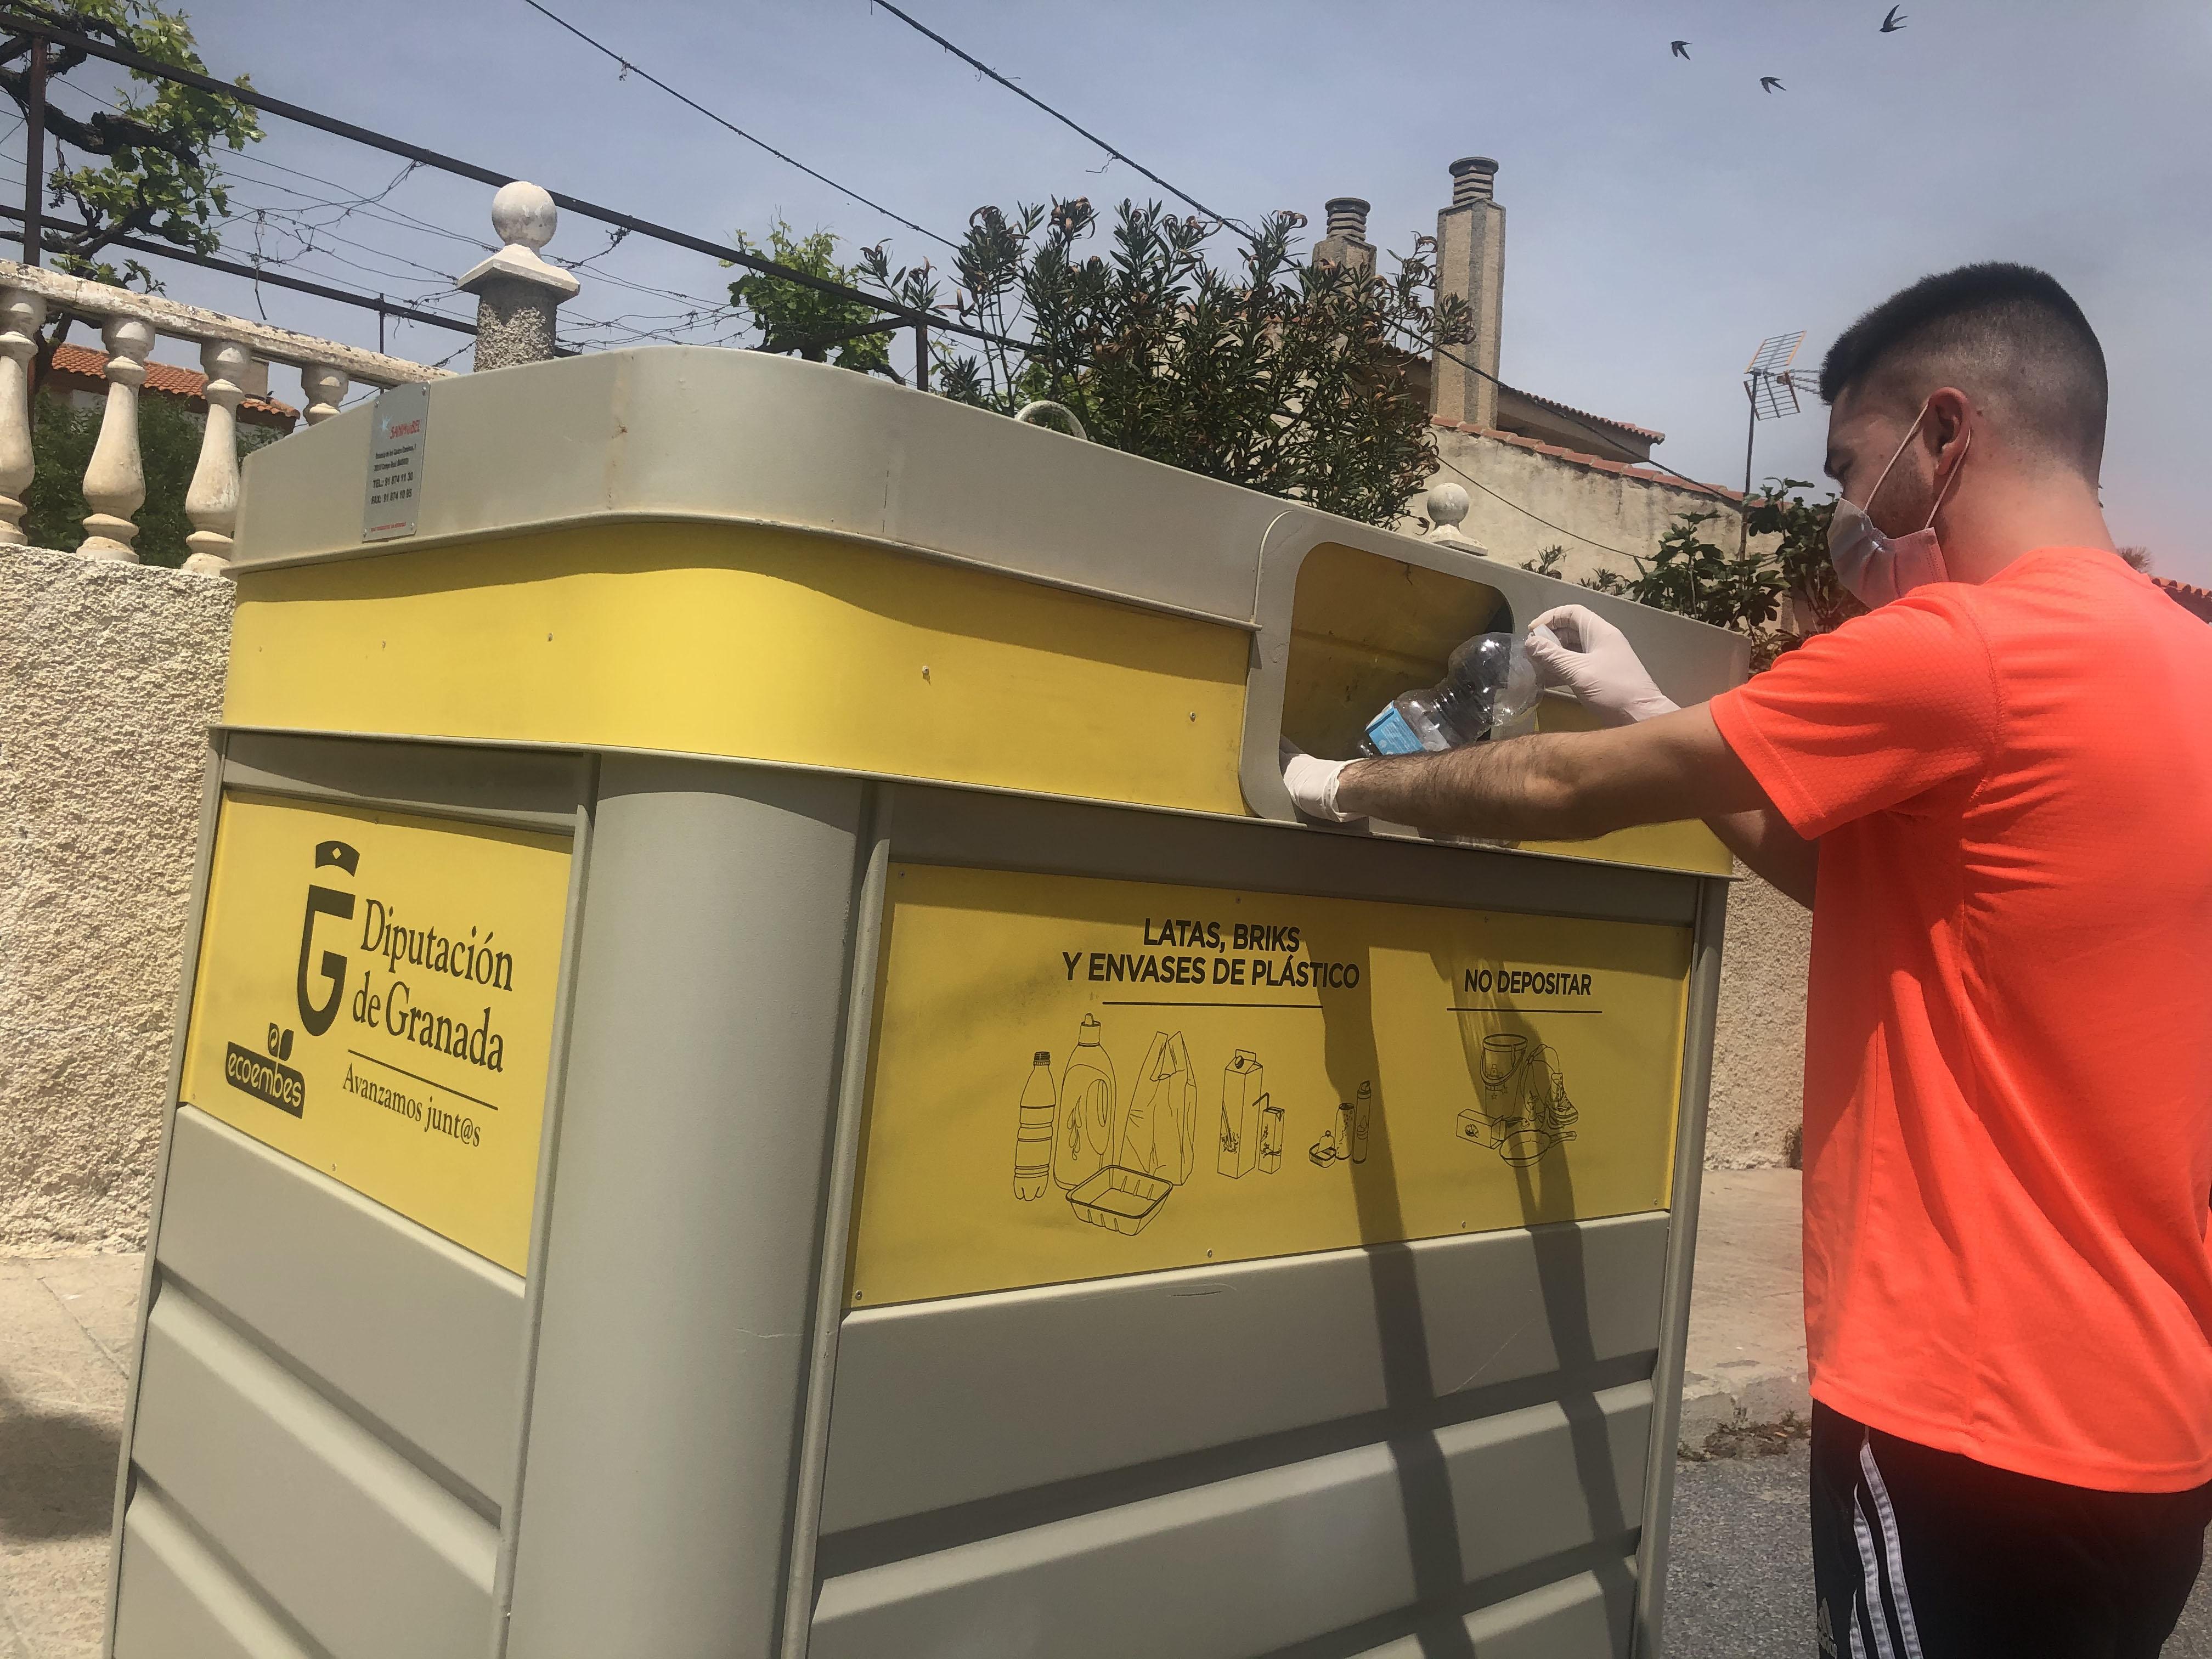 Aumenta el reciclaje de plástico y cartón en la provincia